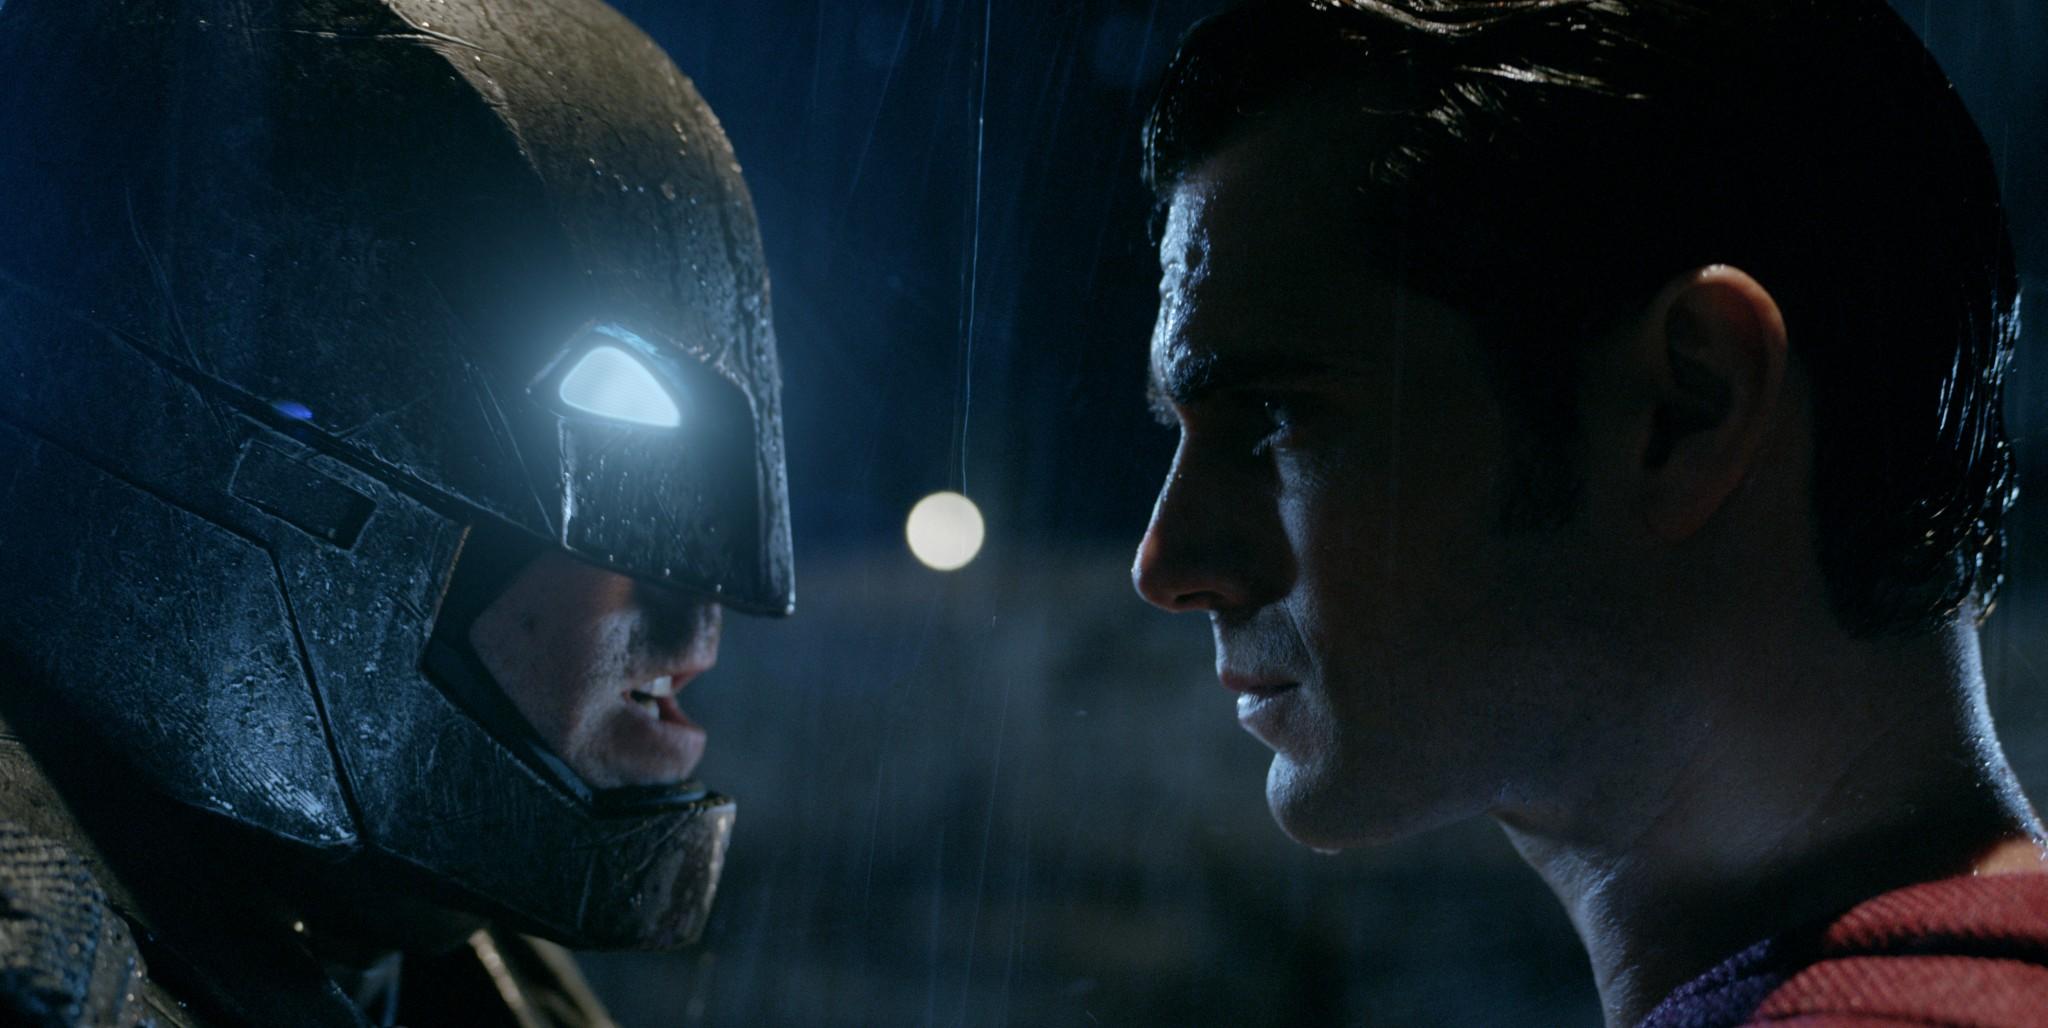 Vi er alle tabere i sammenstødet mellem Batman og Superman ...